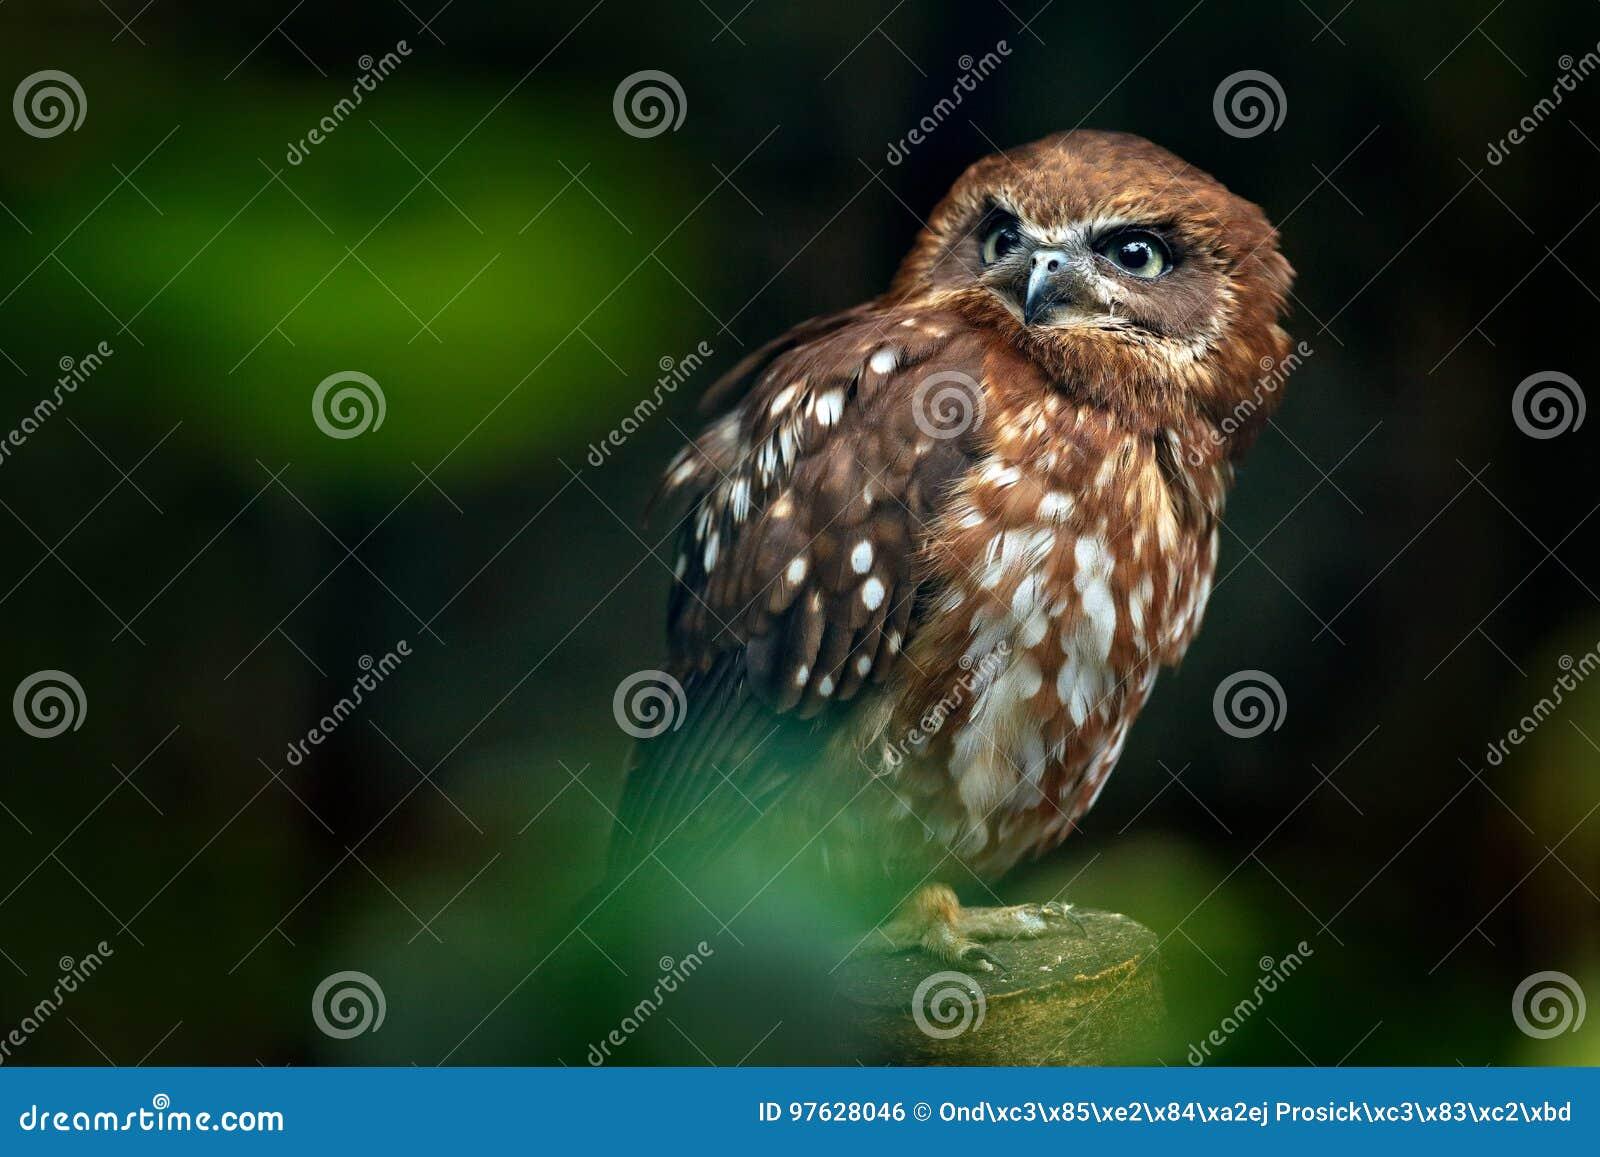 Malaienkauz, Strix leptogrammica, seltener Vogel von Asien Schöne Eule Malaysias im Naturwaldlebensraum Vogel von Malaysia